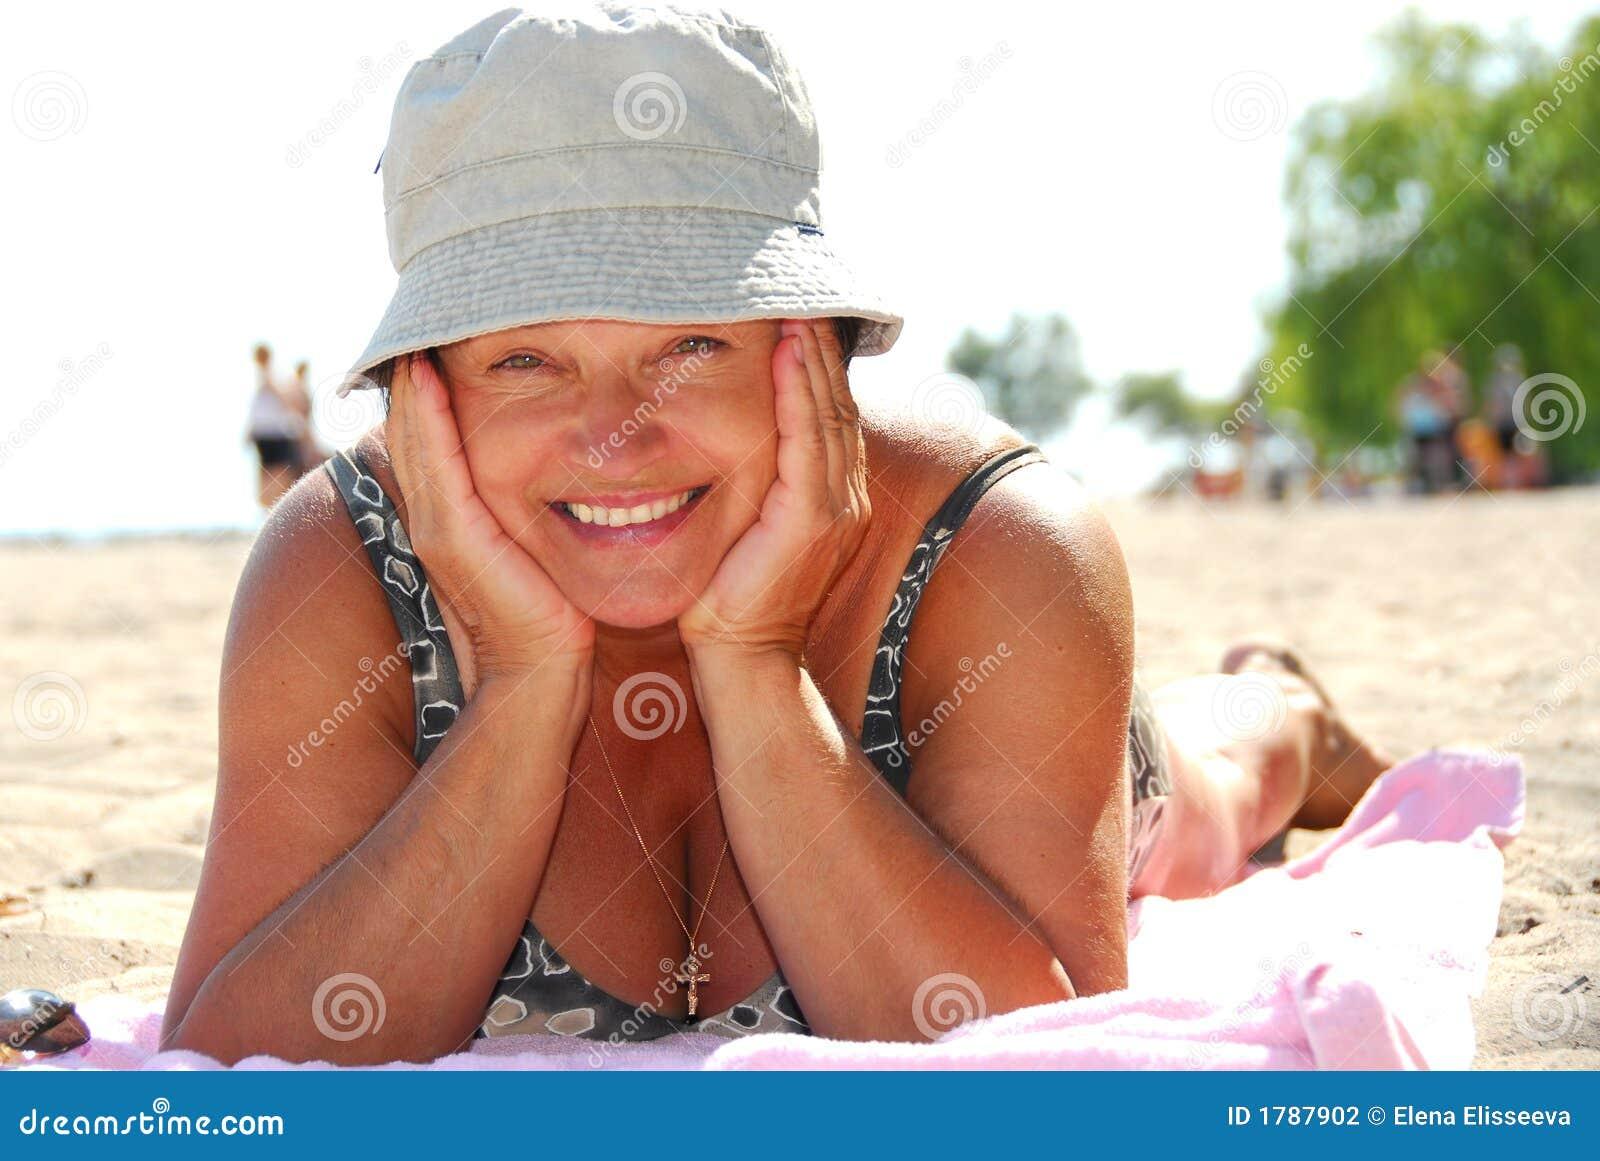 Фото пожилой женщины в купальниках 6 фотография